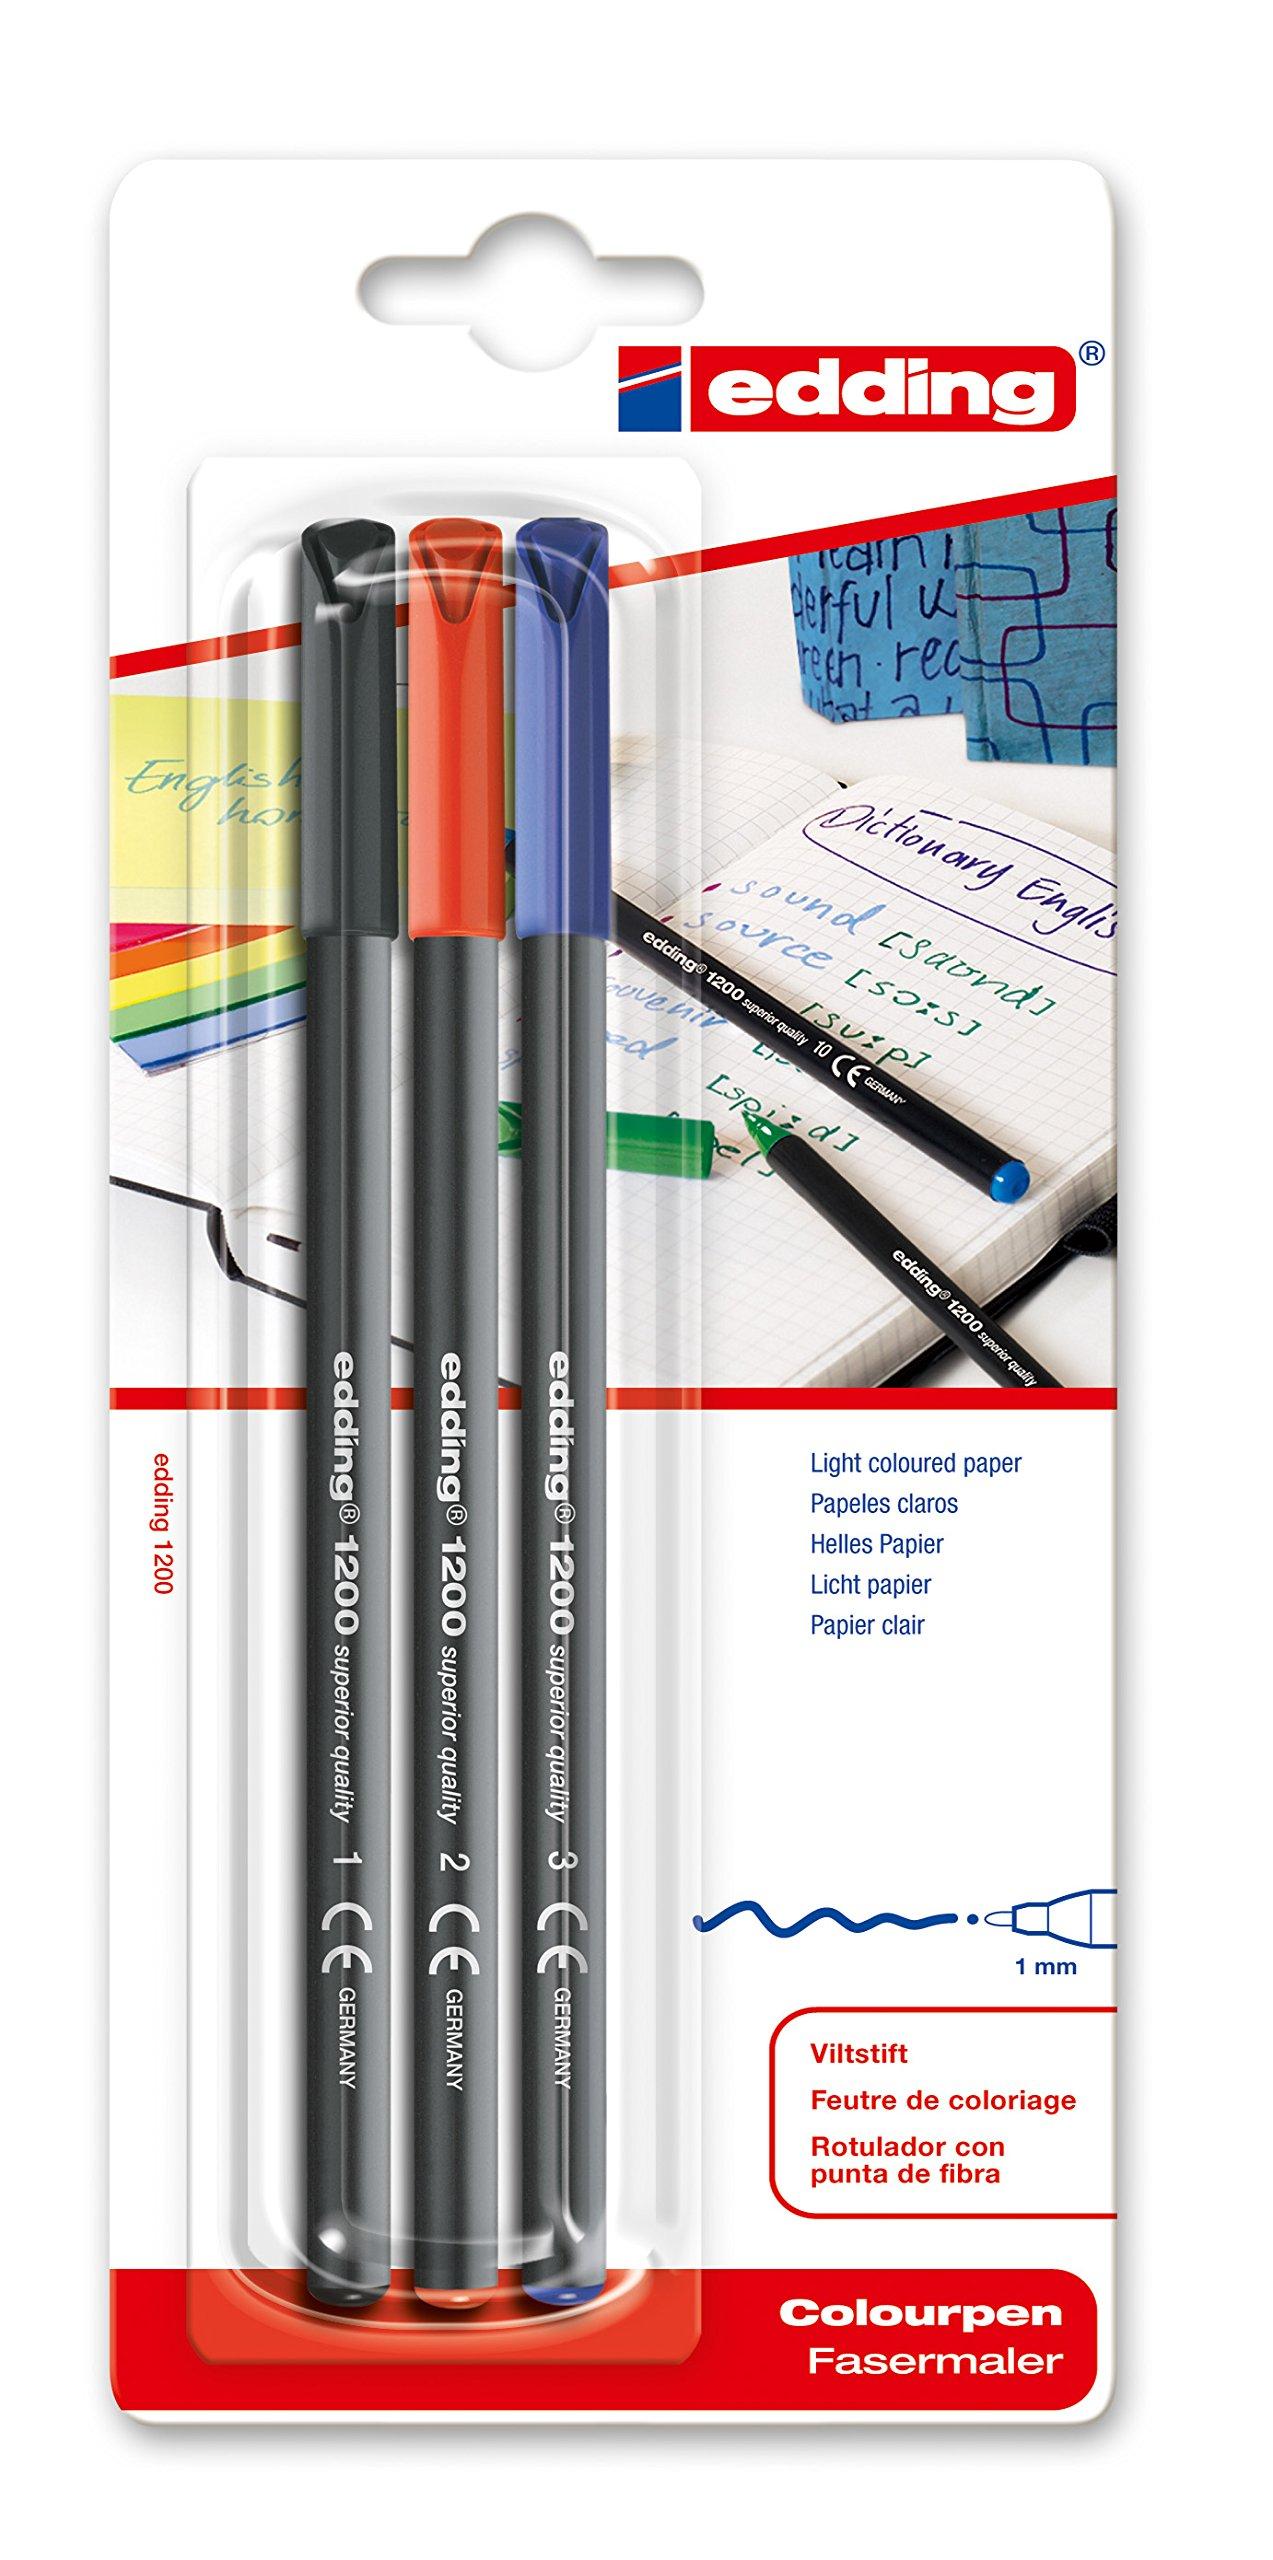 edding 1200/3-S - Blíster con 3 rotuladores, color negro, rojo y azul: Amazon.es: Oficina y papelería